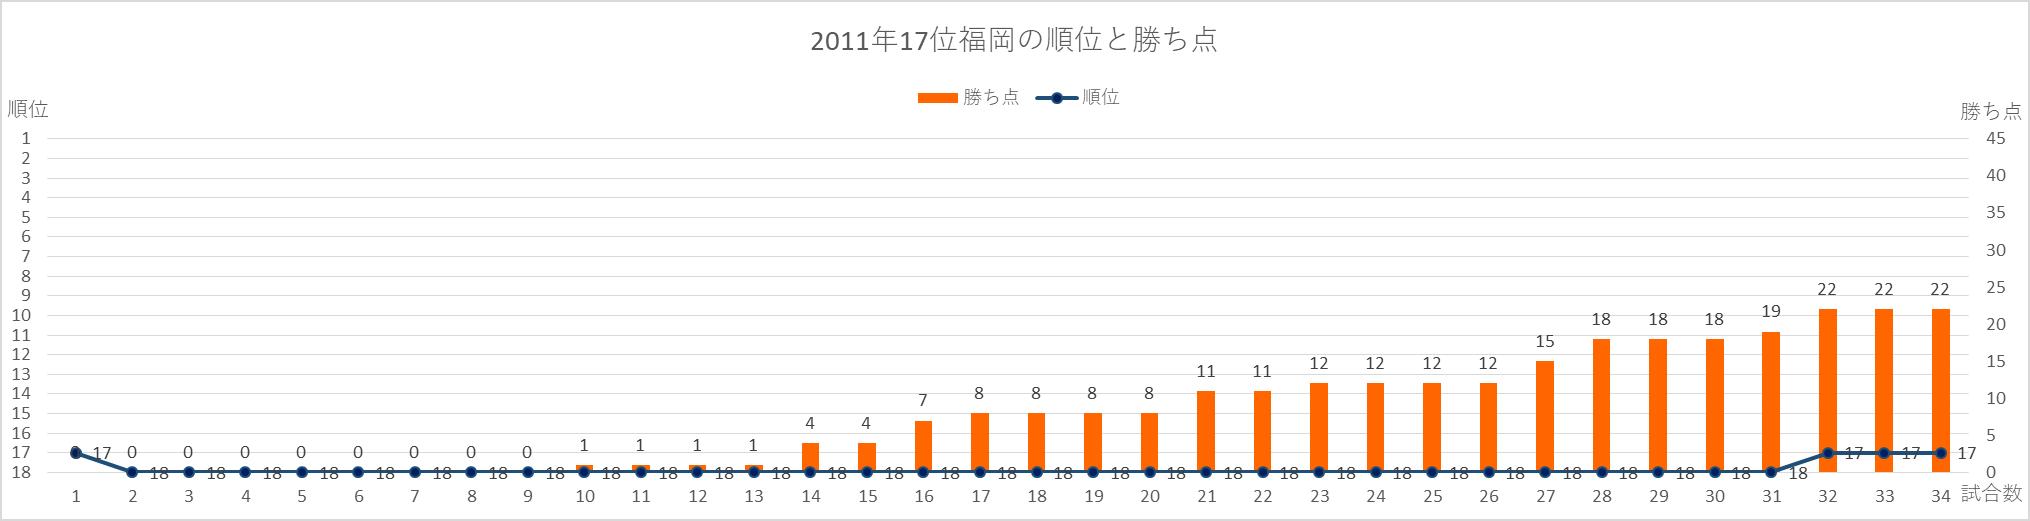 2011年福岡の順位と勝ち点の推移